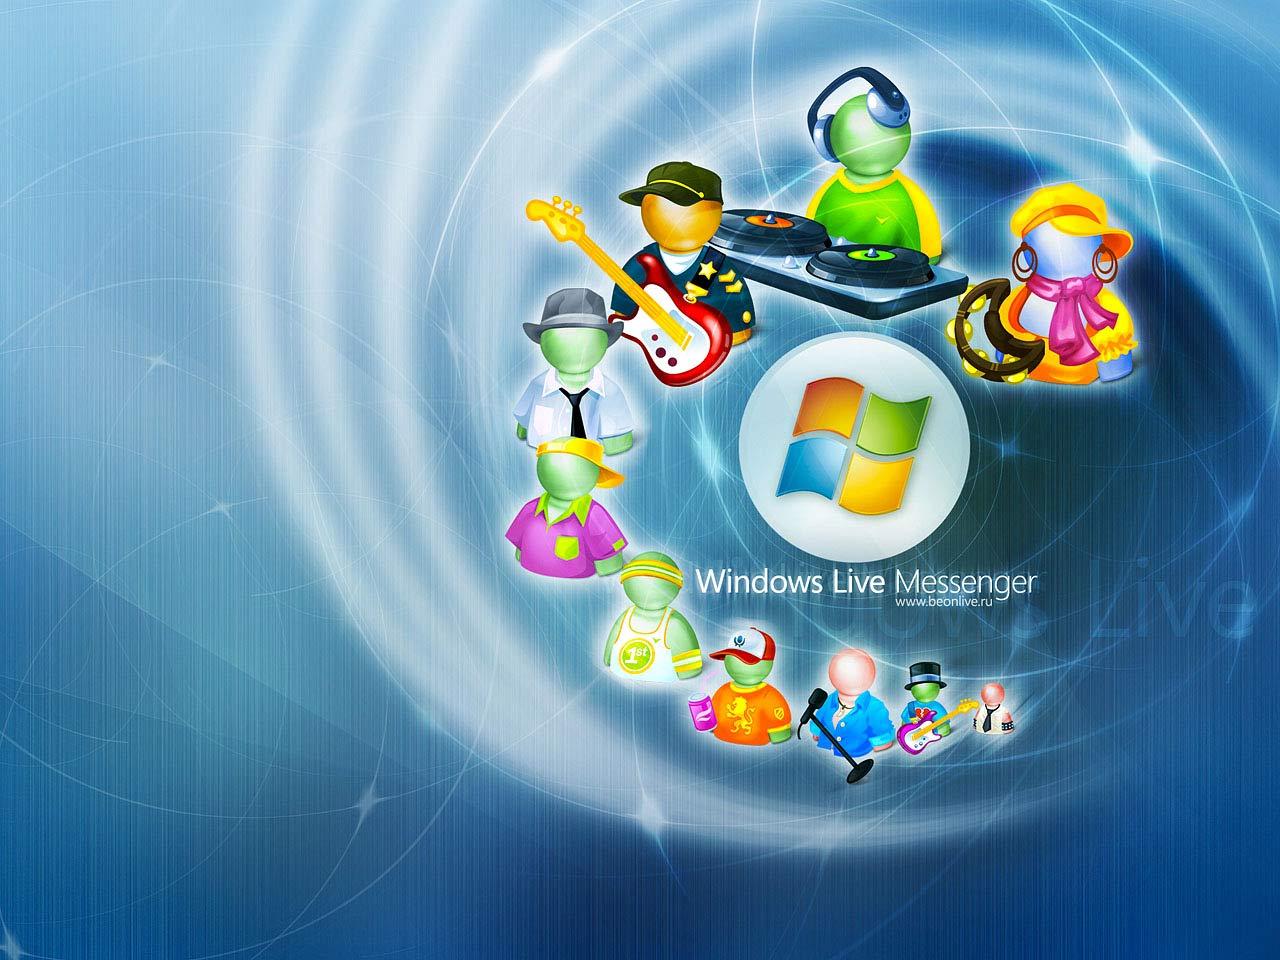 Windows Live Messenger tous les wallpapers Windows Live Messenger 1280x960